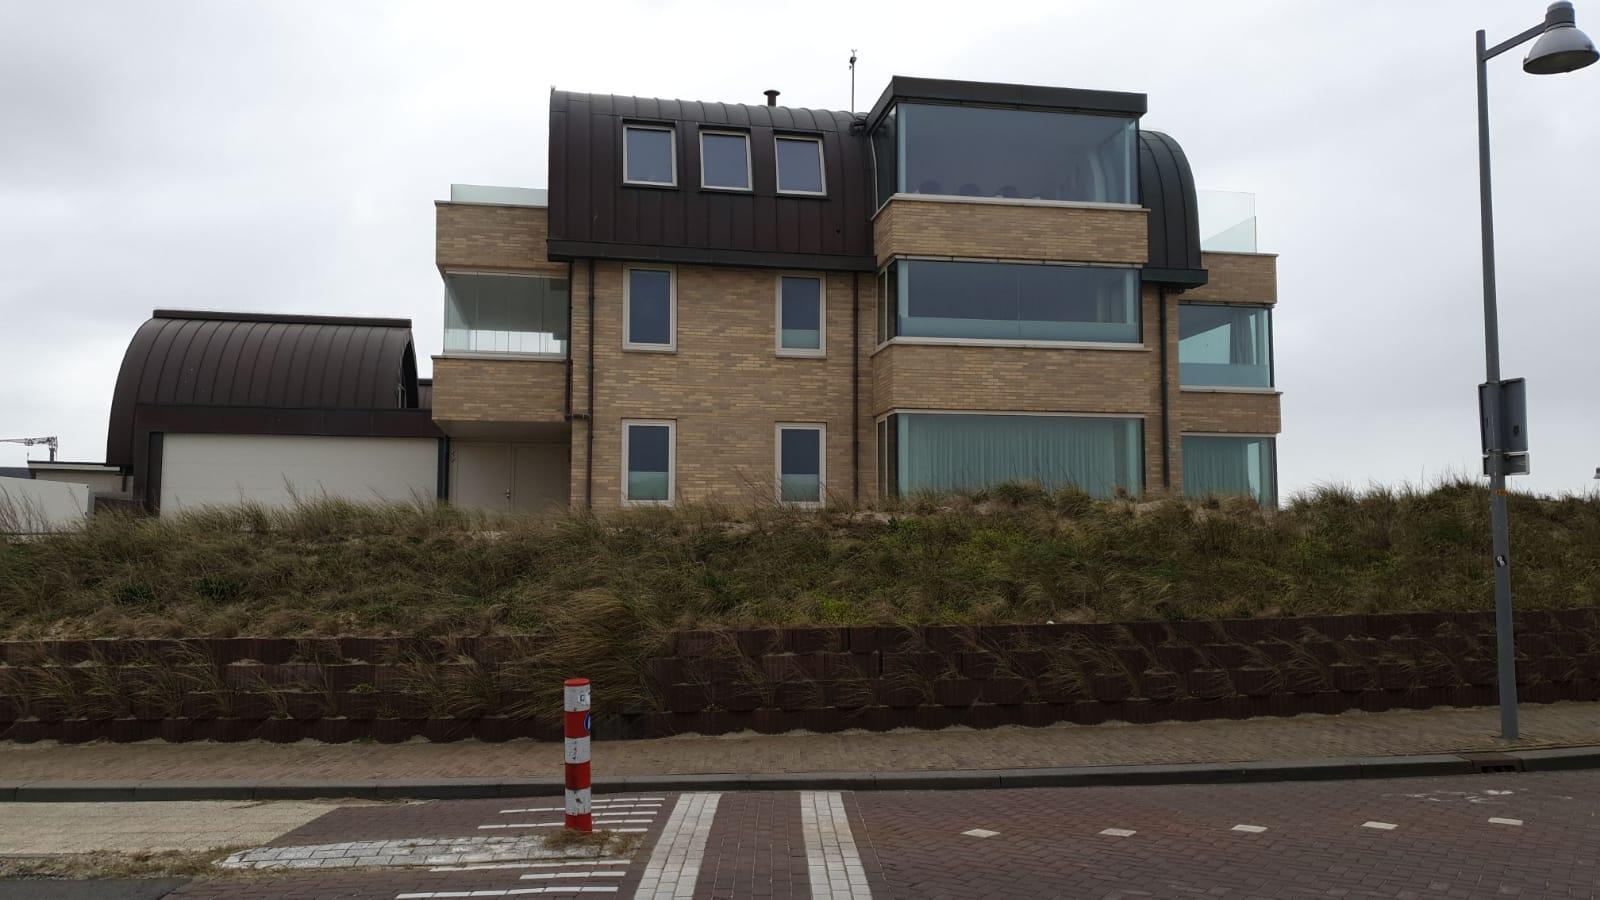 16. Egmond aan Zee